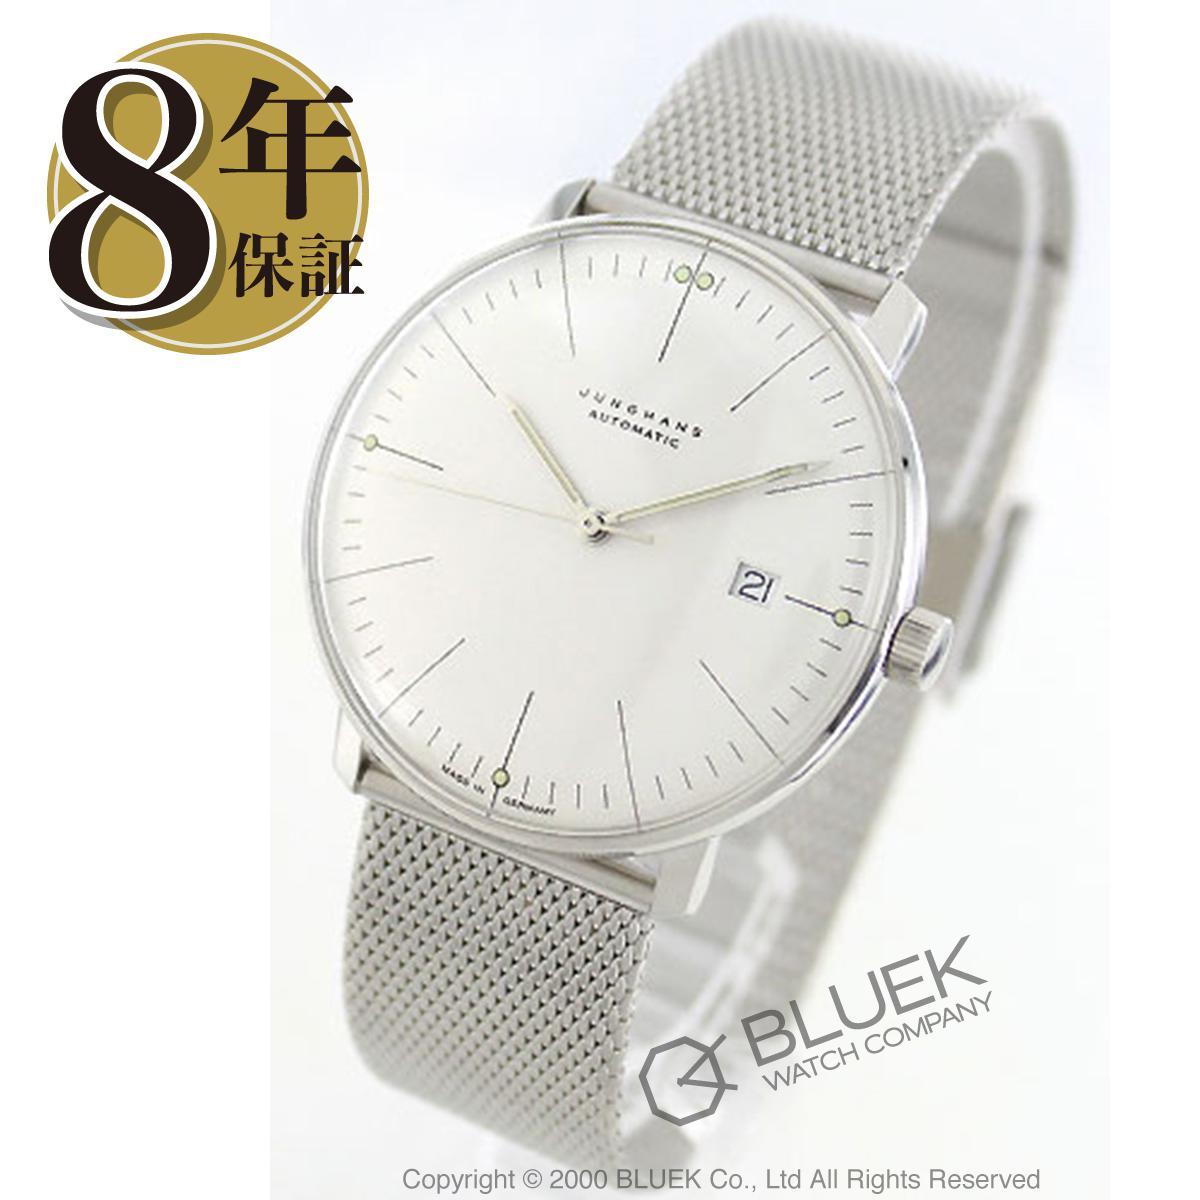 ユンハンス JUNGHANS 腕時計 マックスビル メンズ 027/4002.44M_8